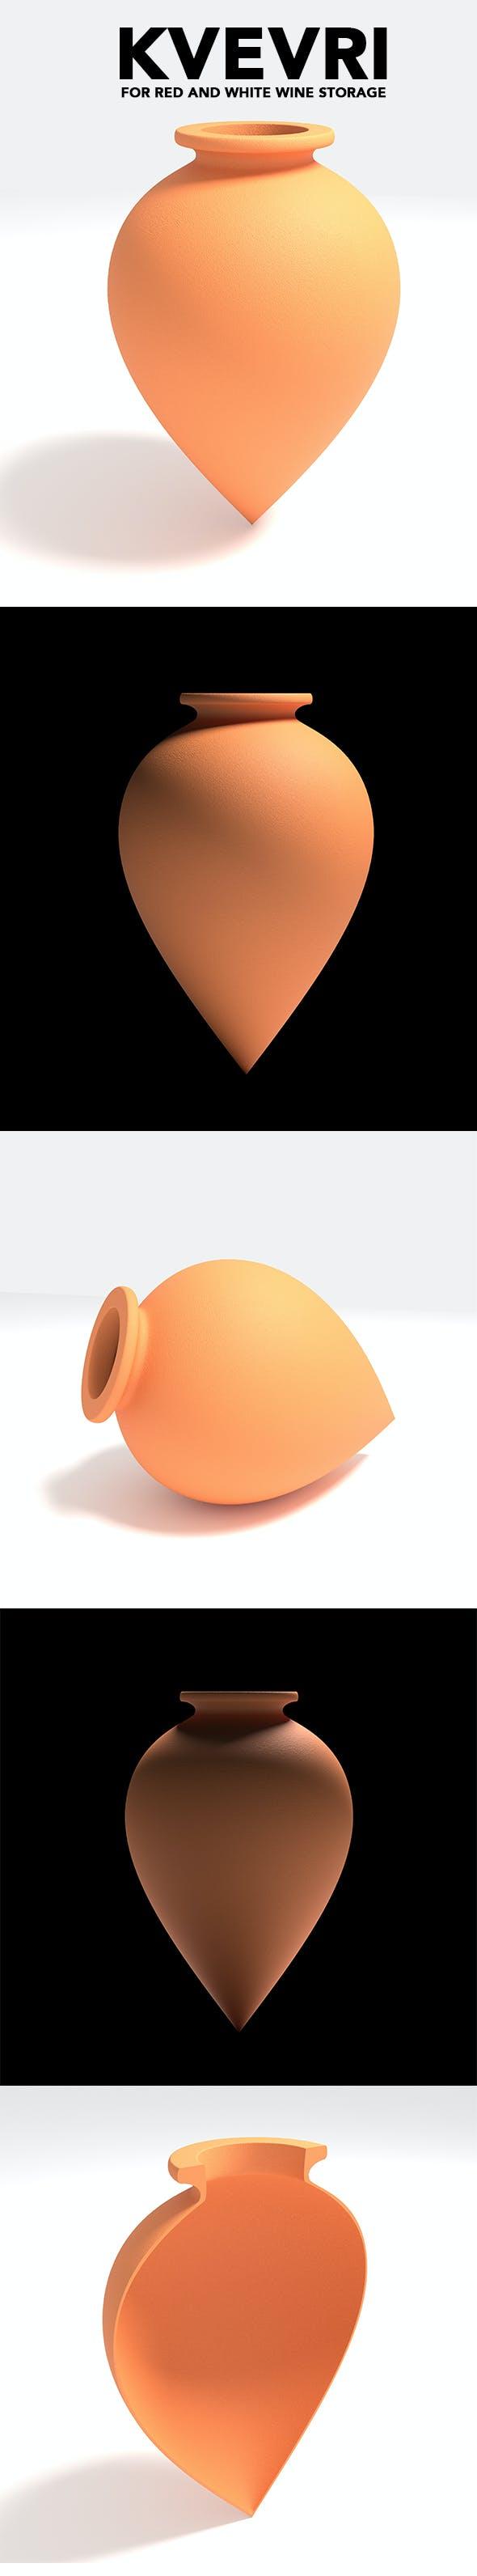 Kvevri - 3DOcean Item for Sale